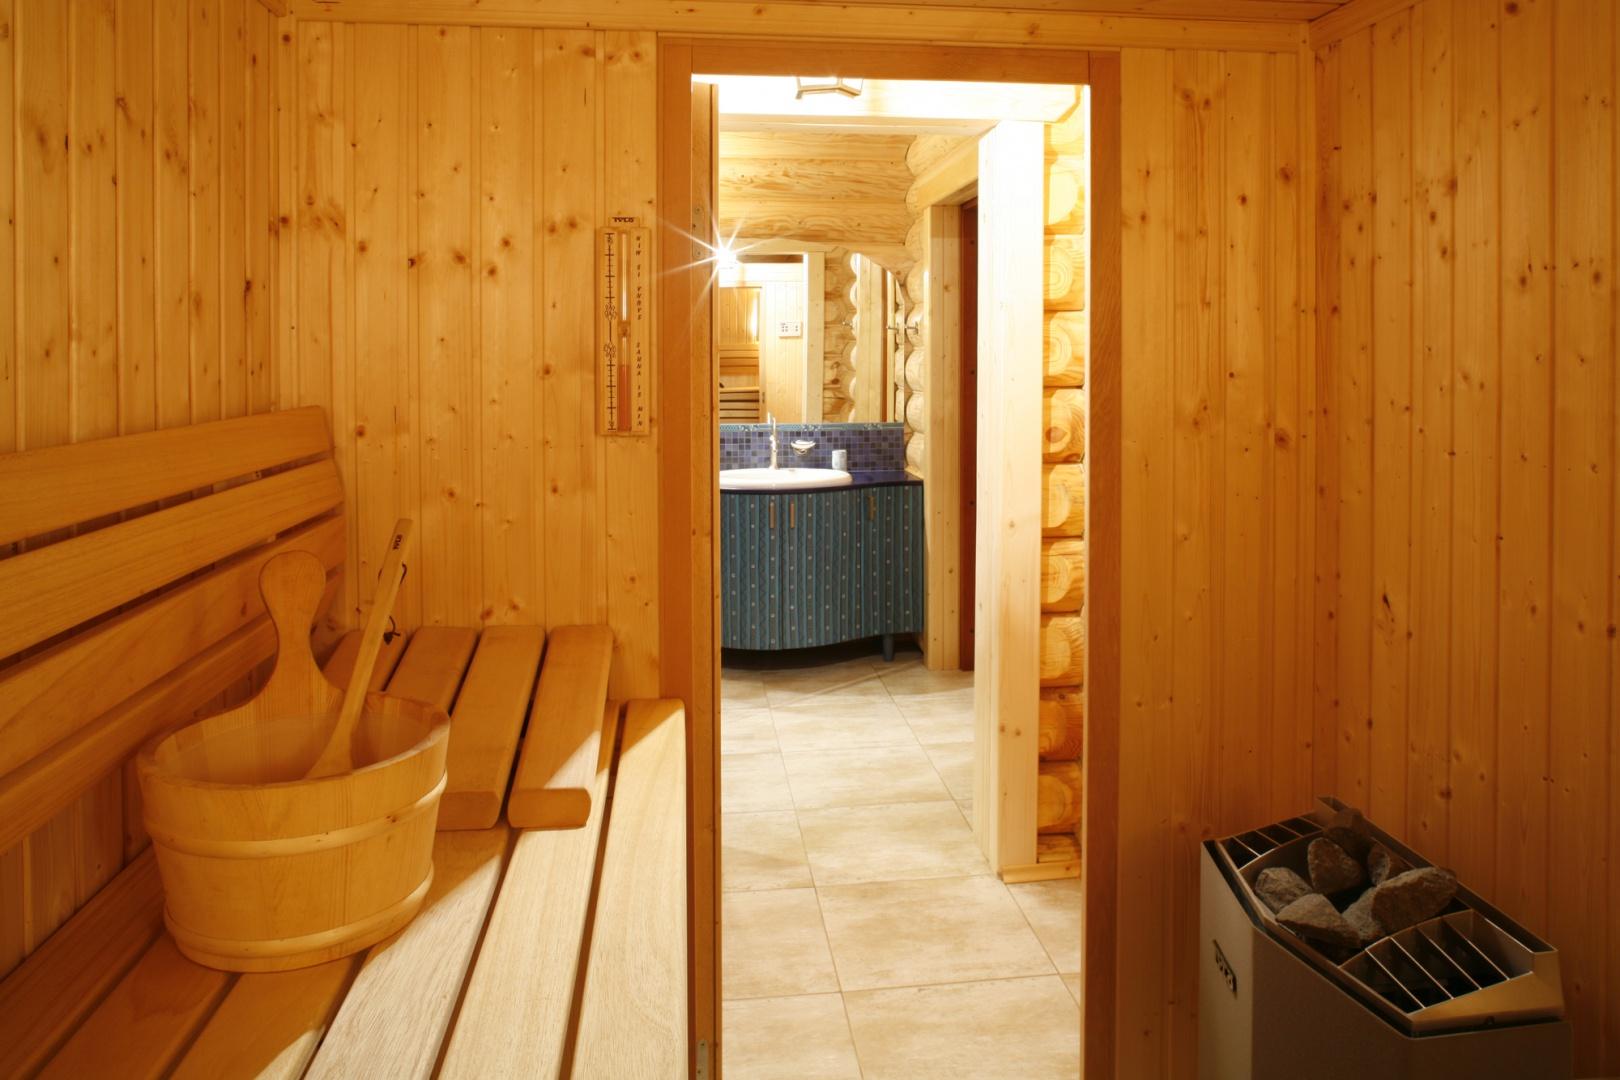 Saunę poprzedza niewielki korytarz-przebieralnia. Wnętrze sauny zbudowano z jasnych, świerkowych desek, co potęguje aurę ciepła i bliskości naturze. Fot. Bartosz Jarosz.